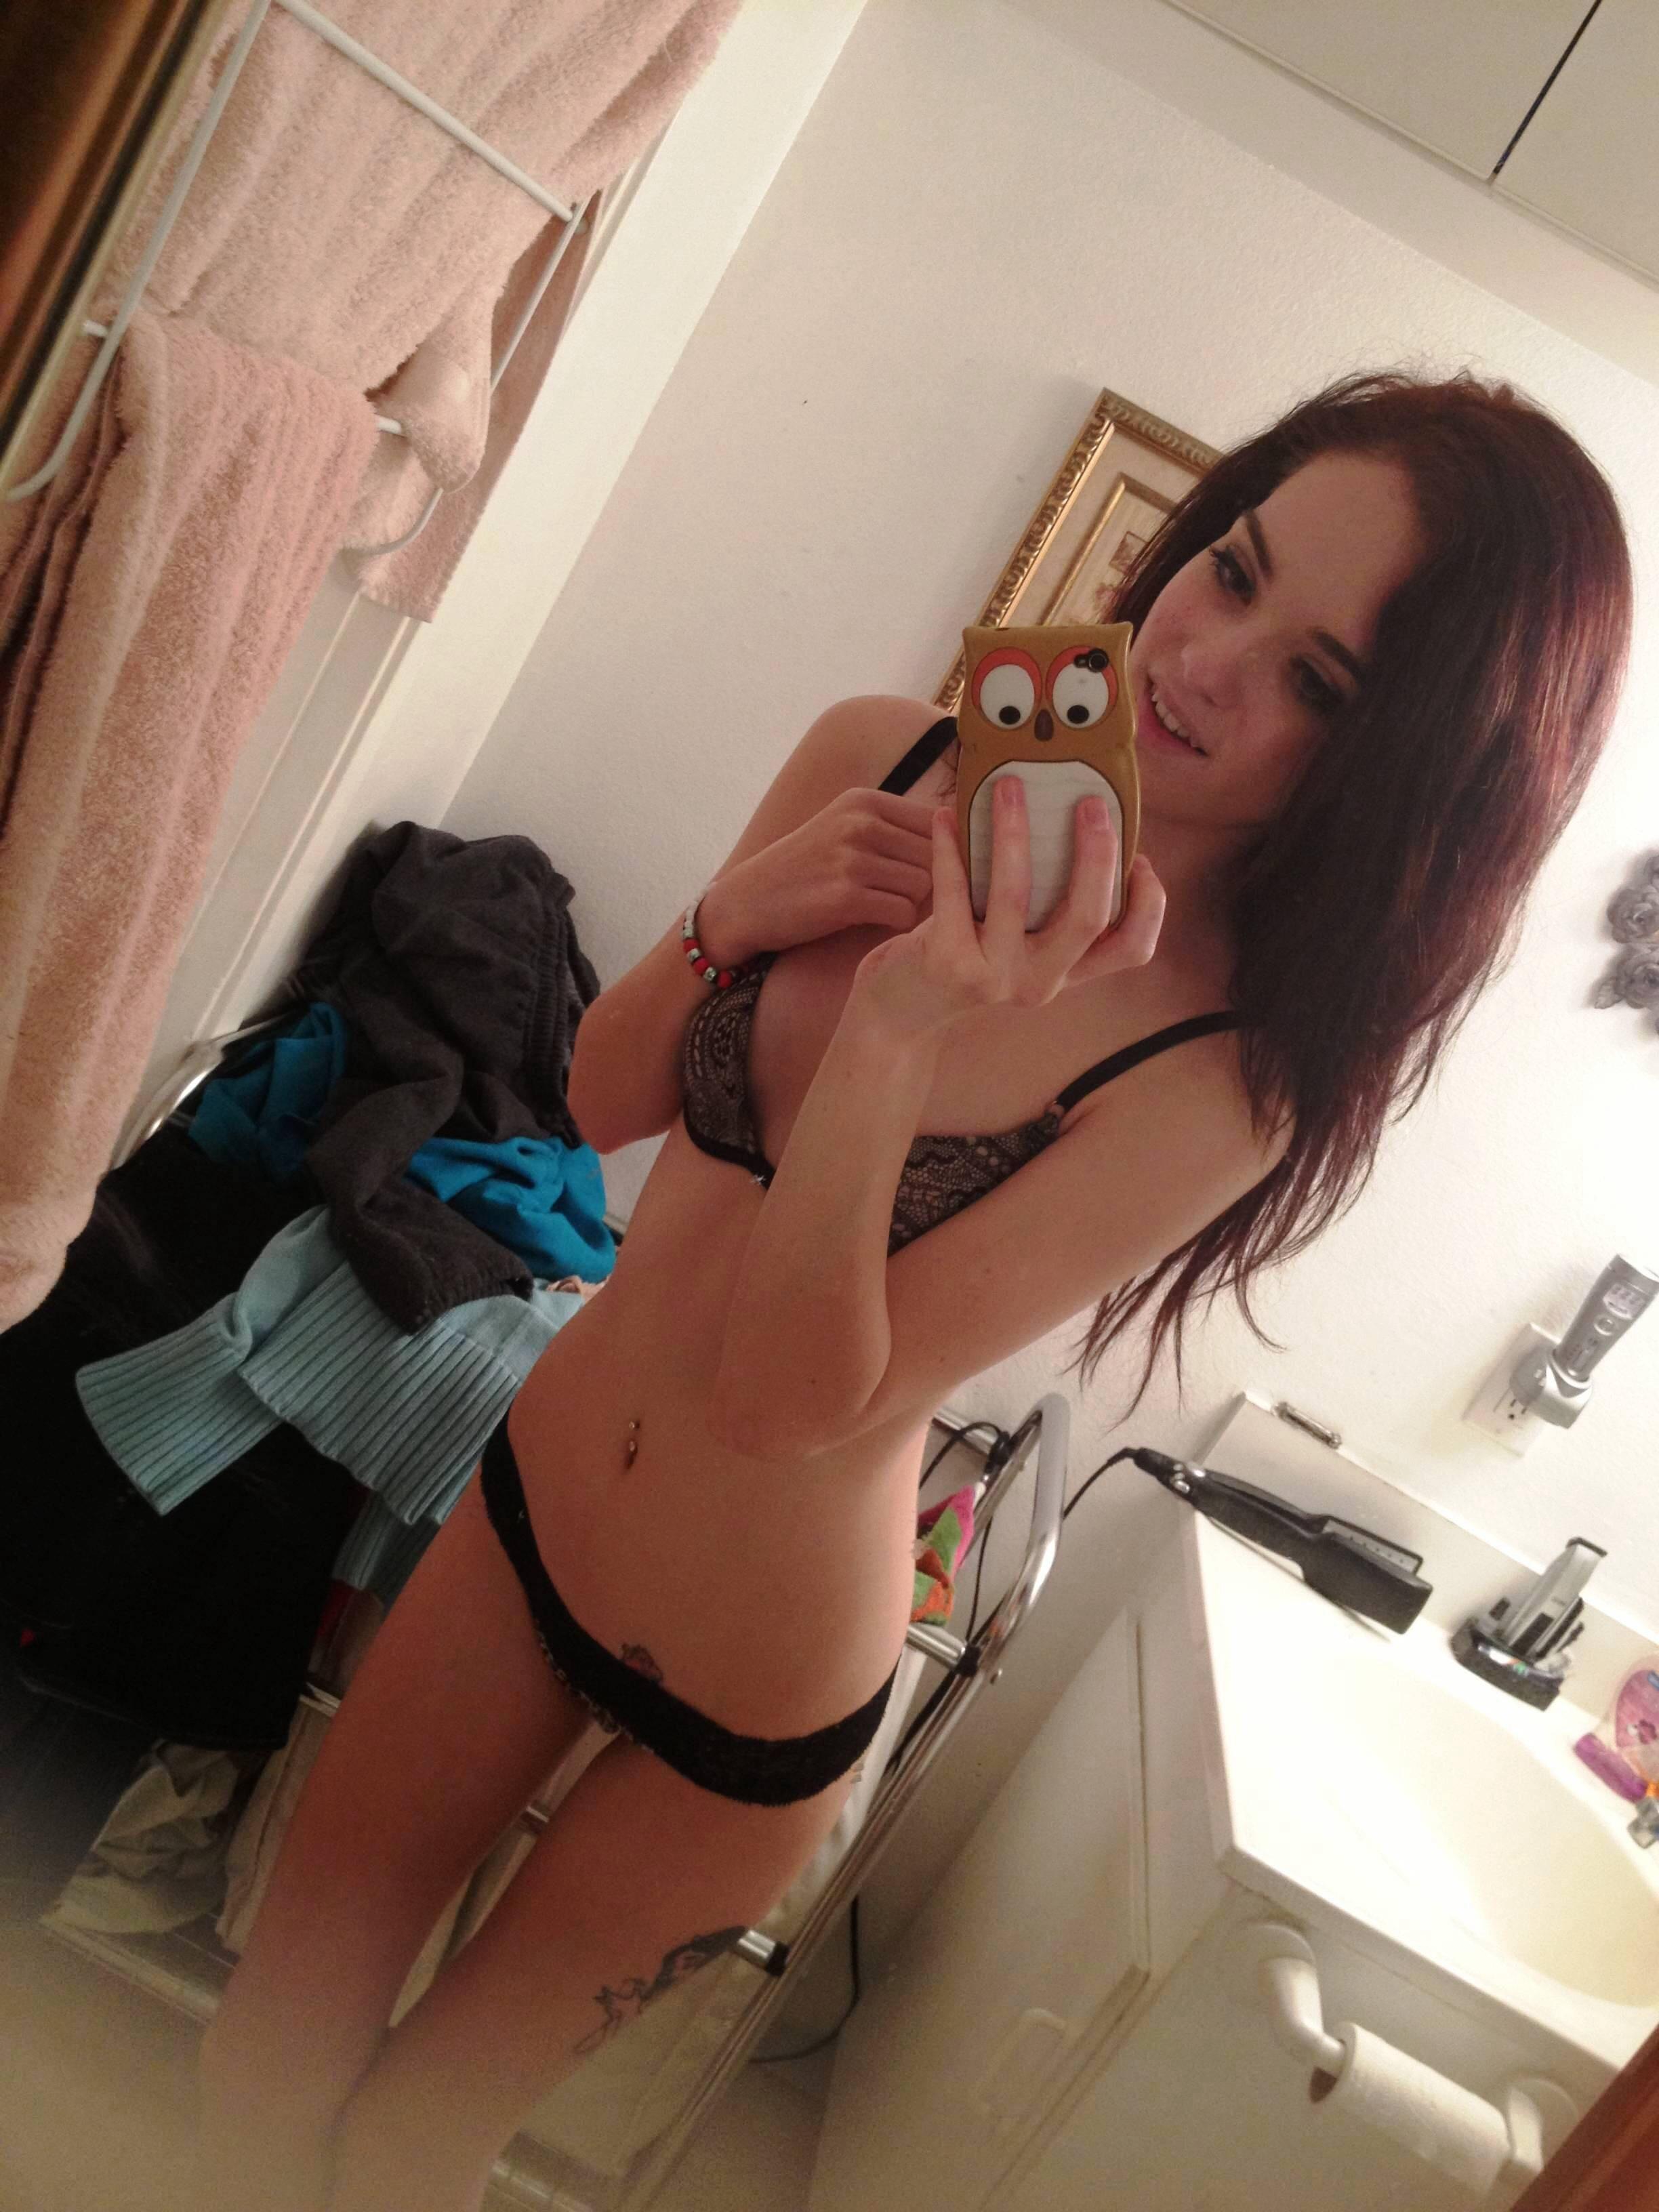 Грудастые девки снимают себя голышом перед зеркалом - фото #2